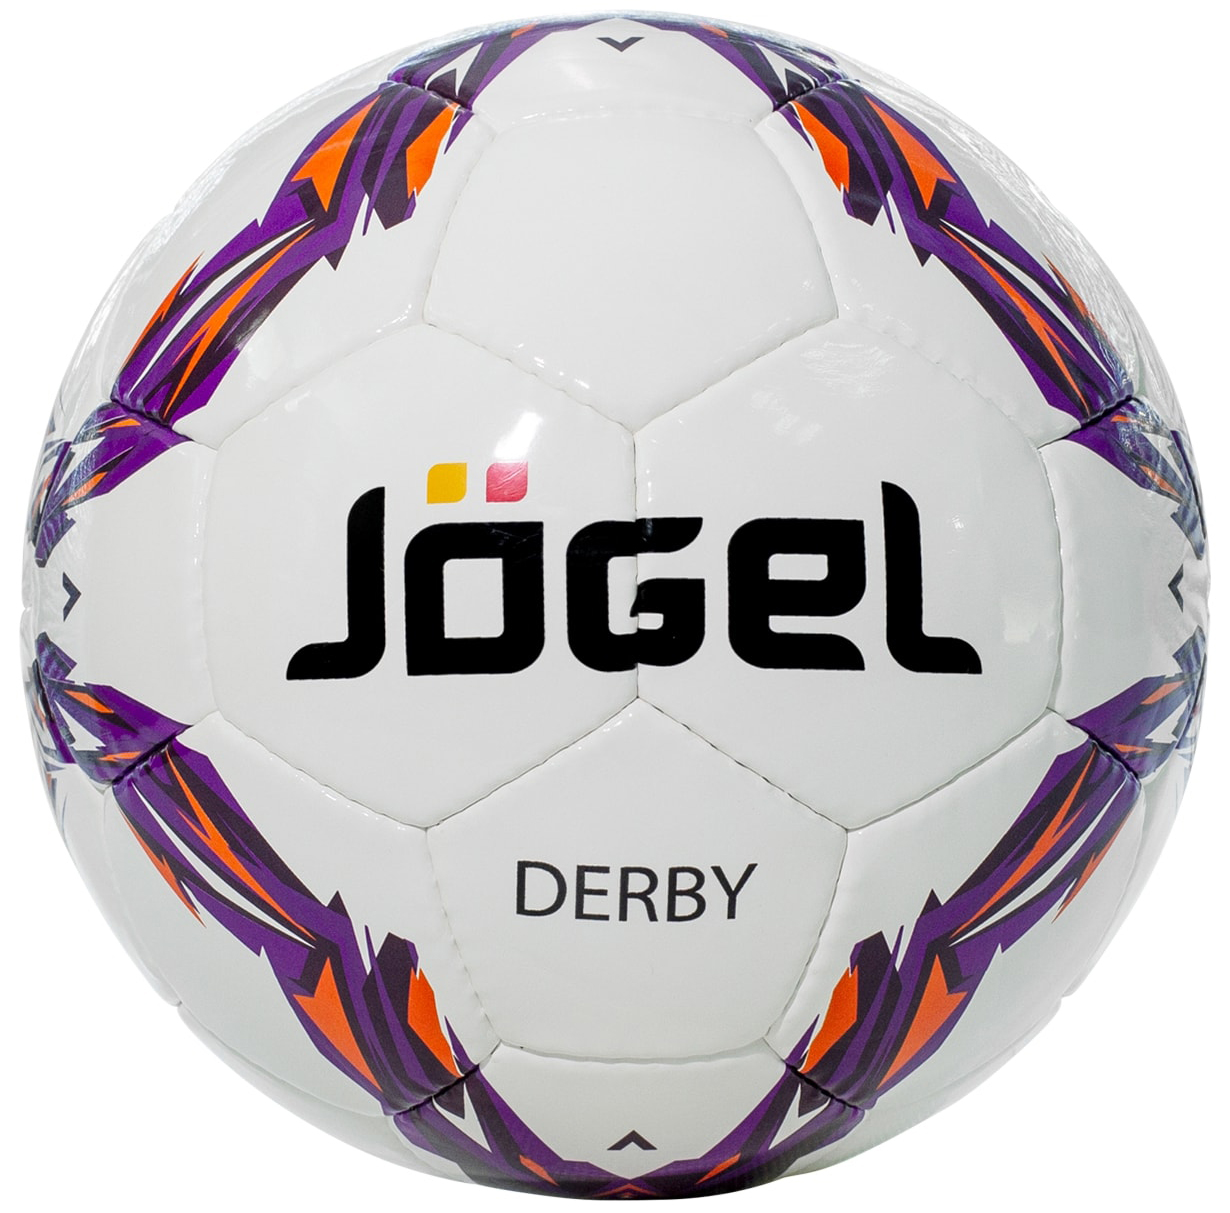 Мяч футбольный Jogel JS-560 Derby. Размер №5